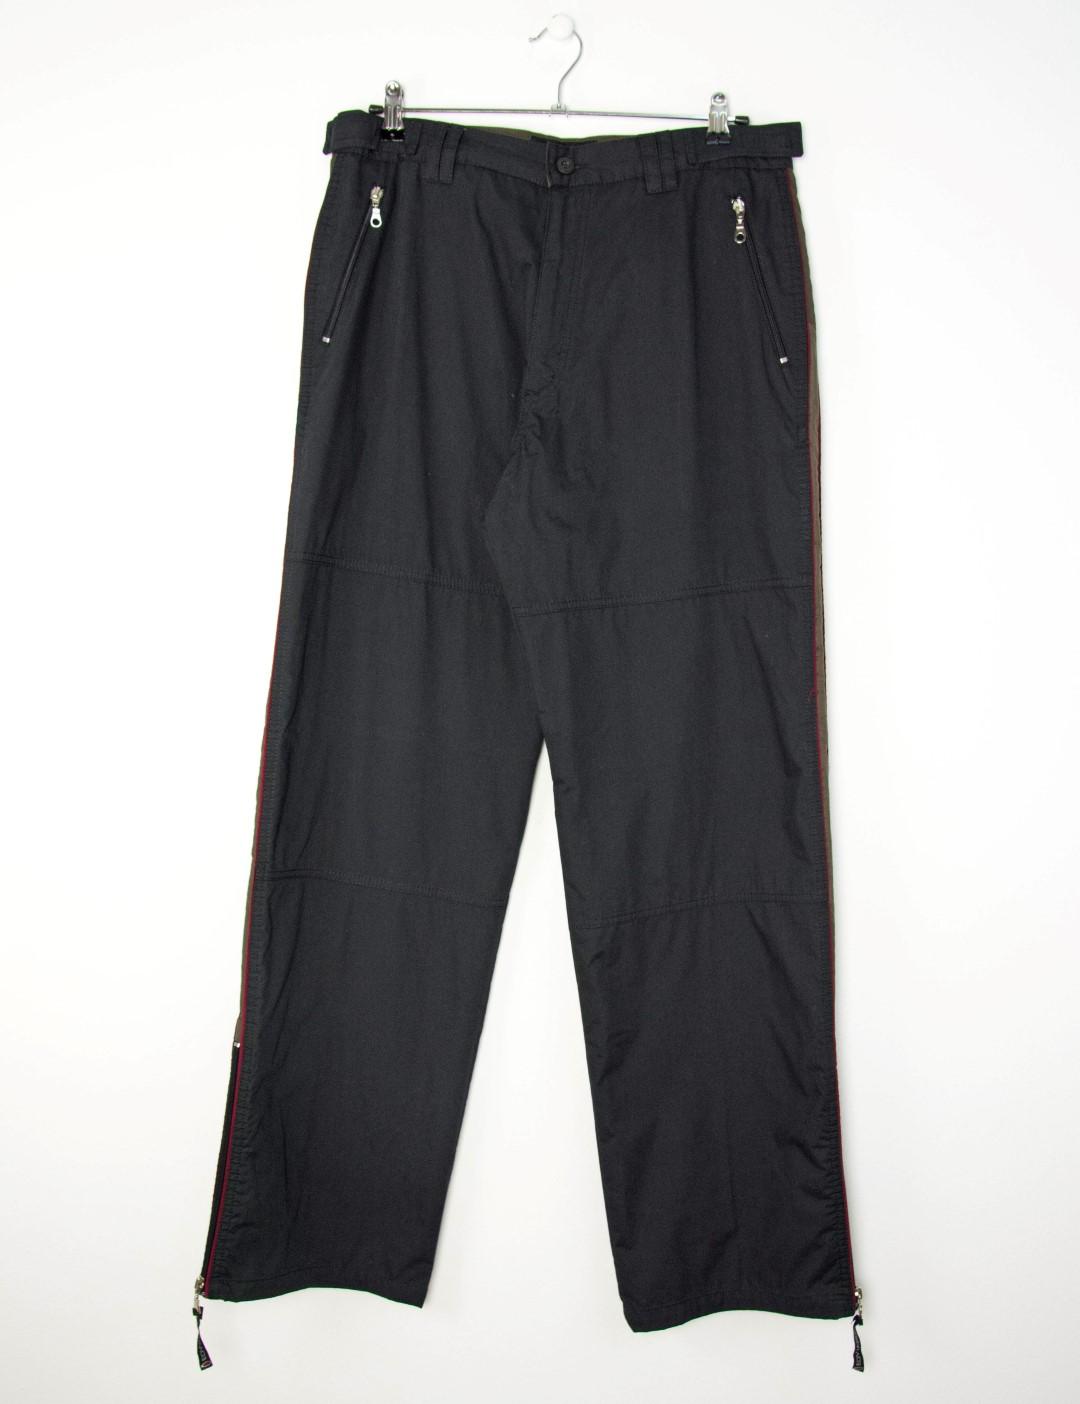 Ανδρικό μαύρο υφασμάτινο παντελόνι με ρίγα 4630D 7192d7935b4